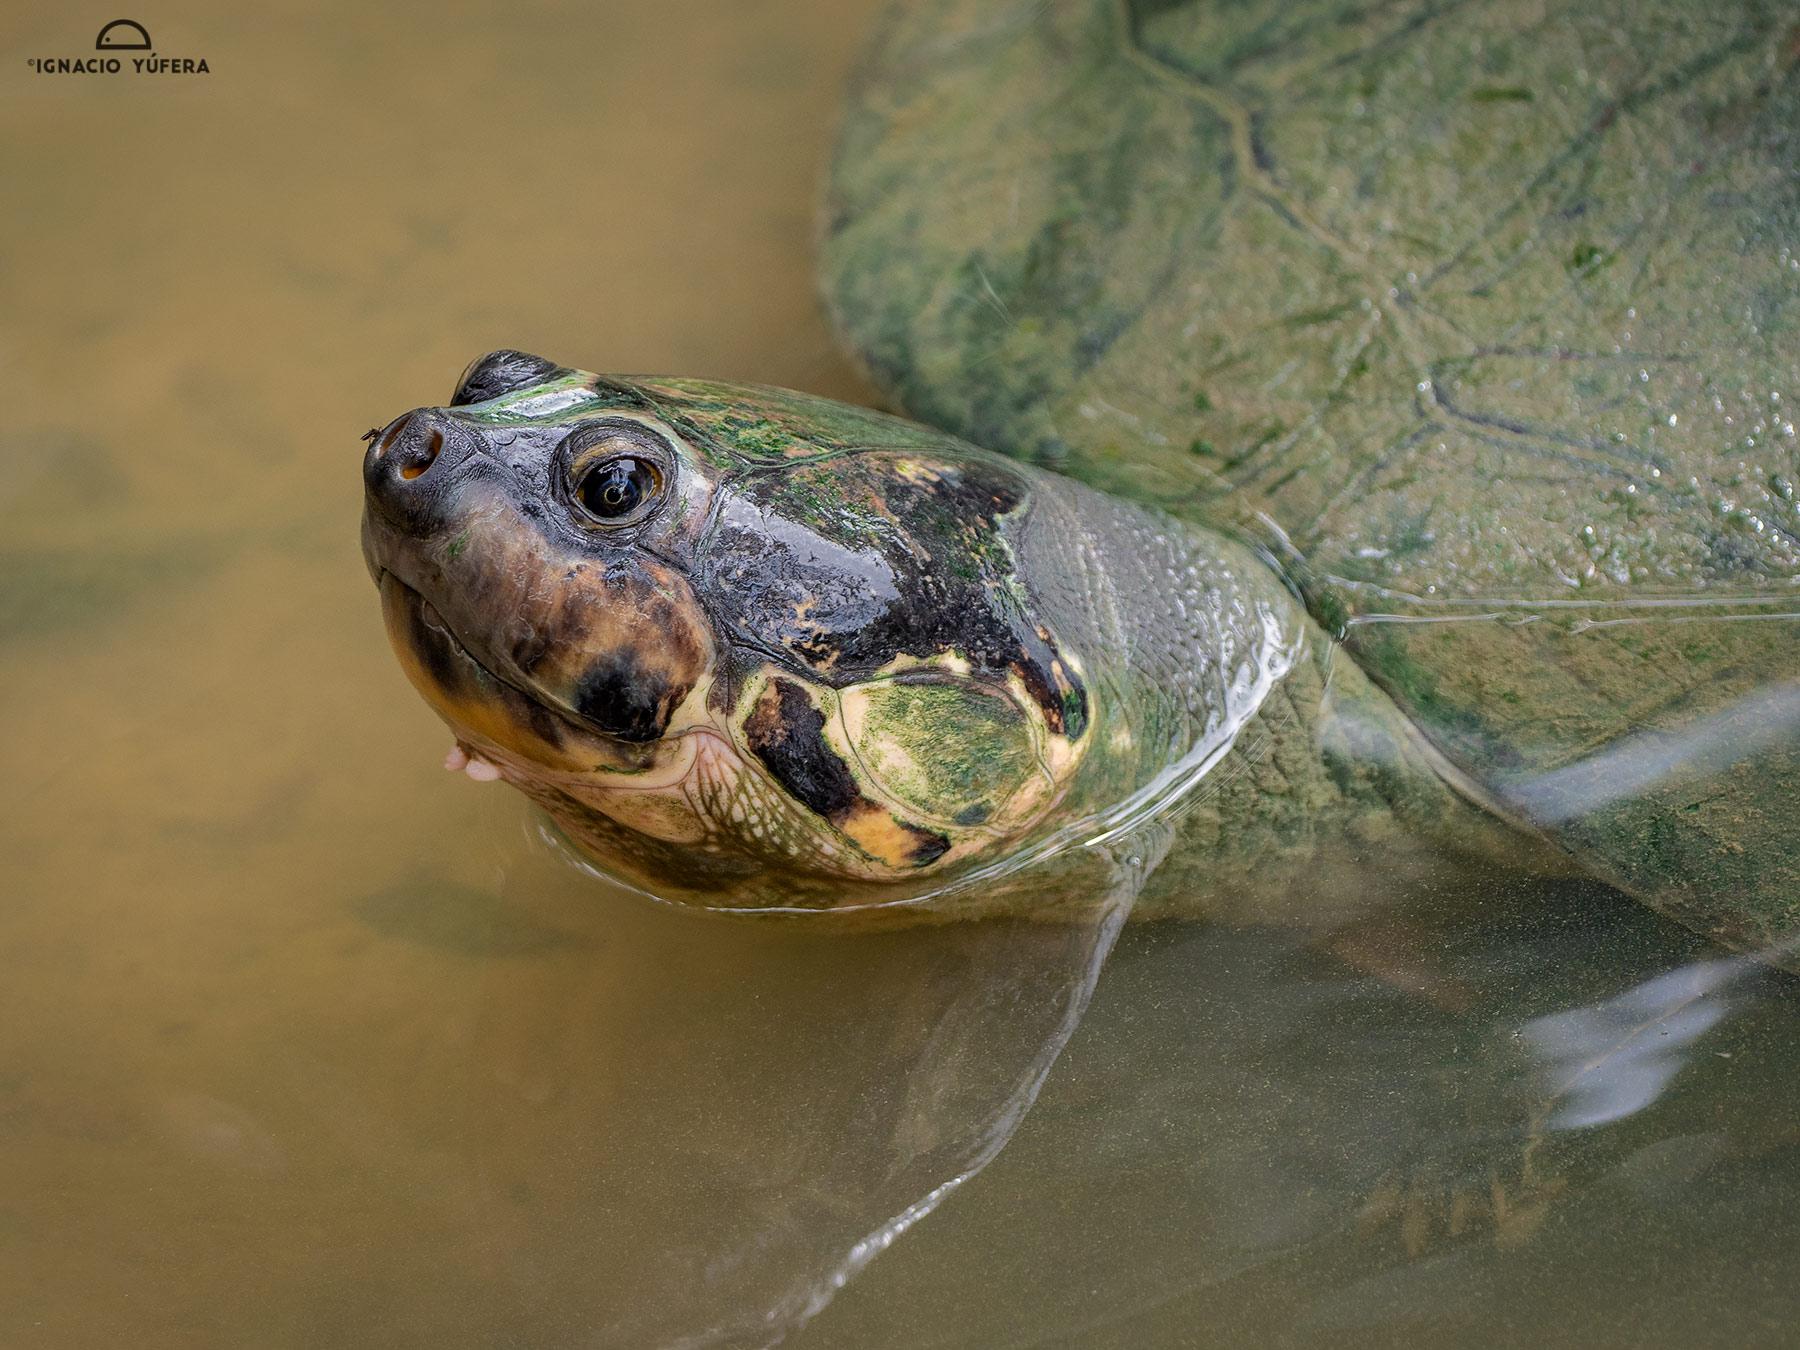 Arrau turtle (Podocnemys expansa), adult, Amazonas, Brazil